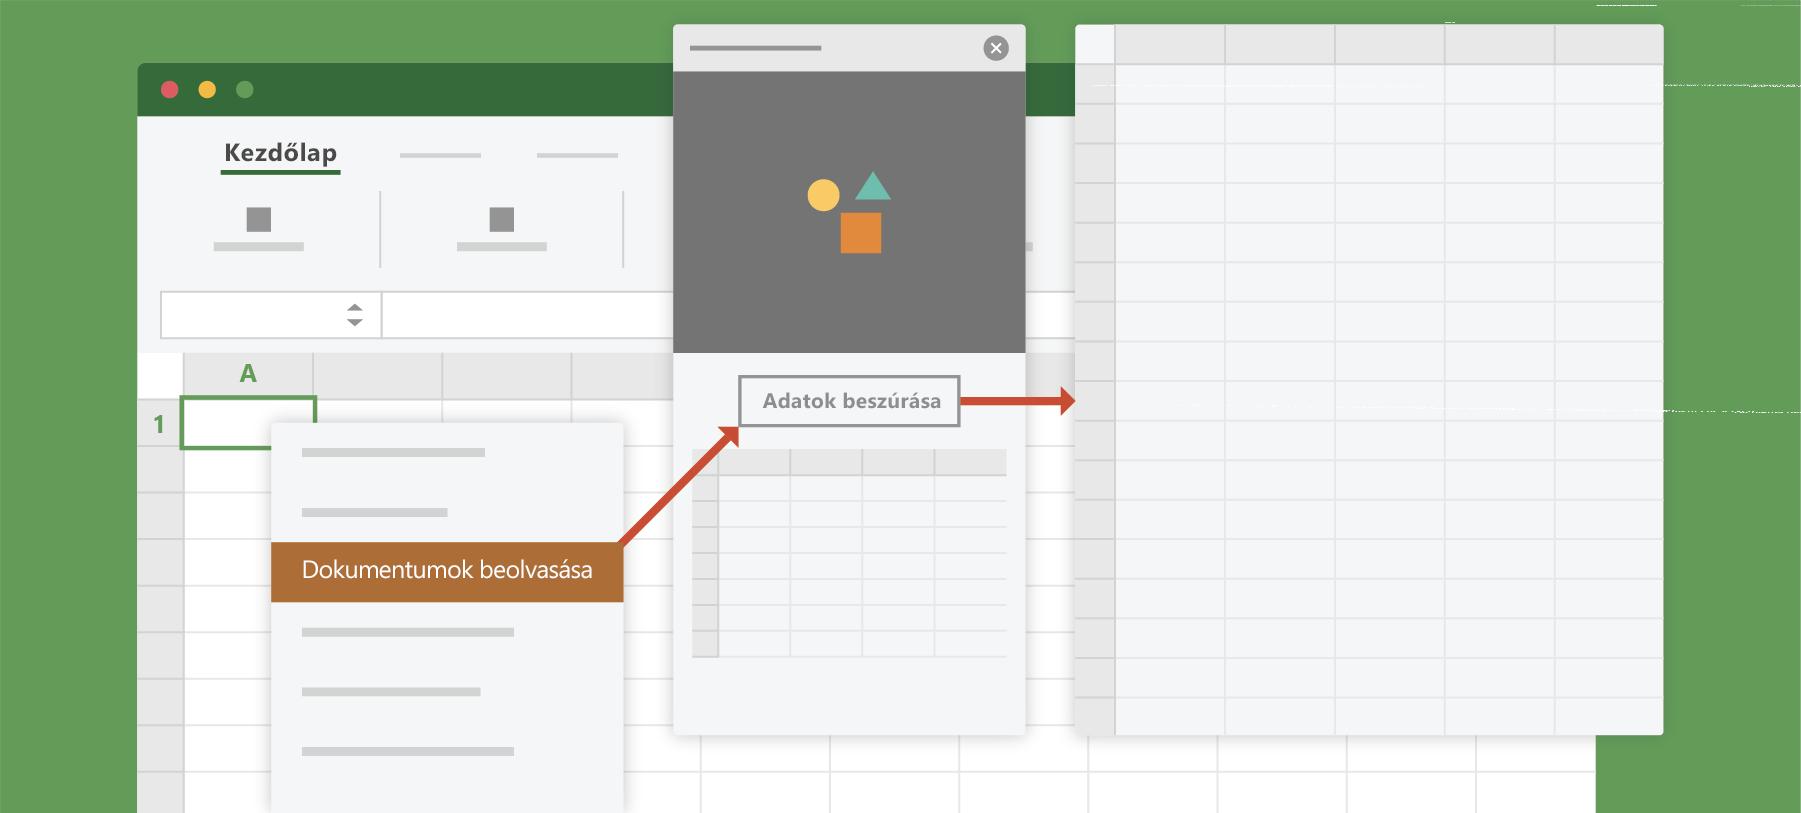 A Dokumentum szkennelése gomb megjelenítése az Excelben